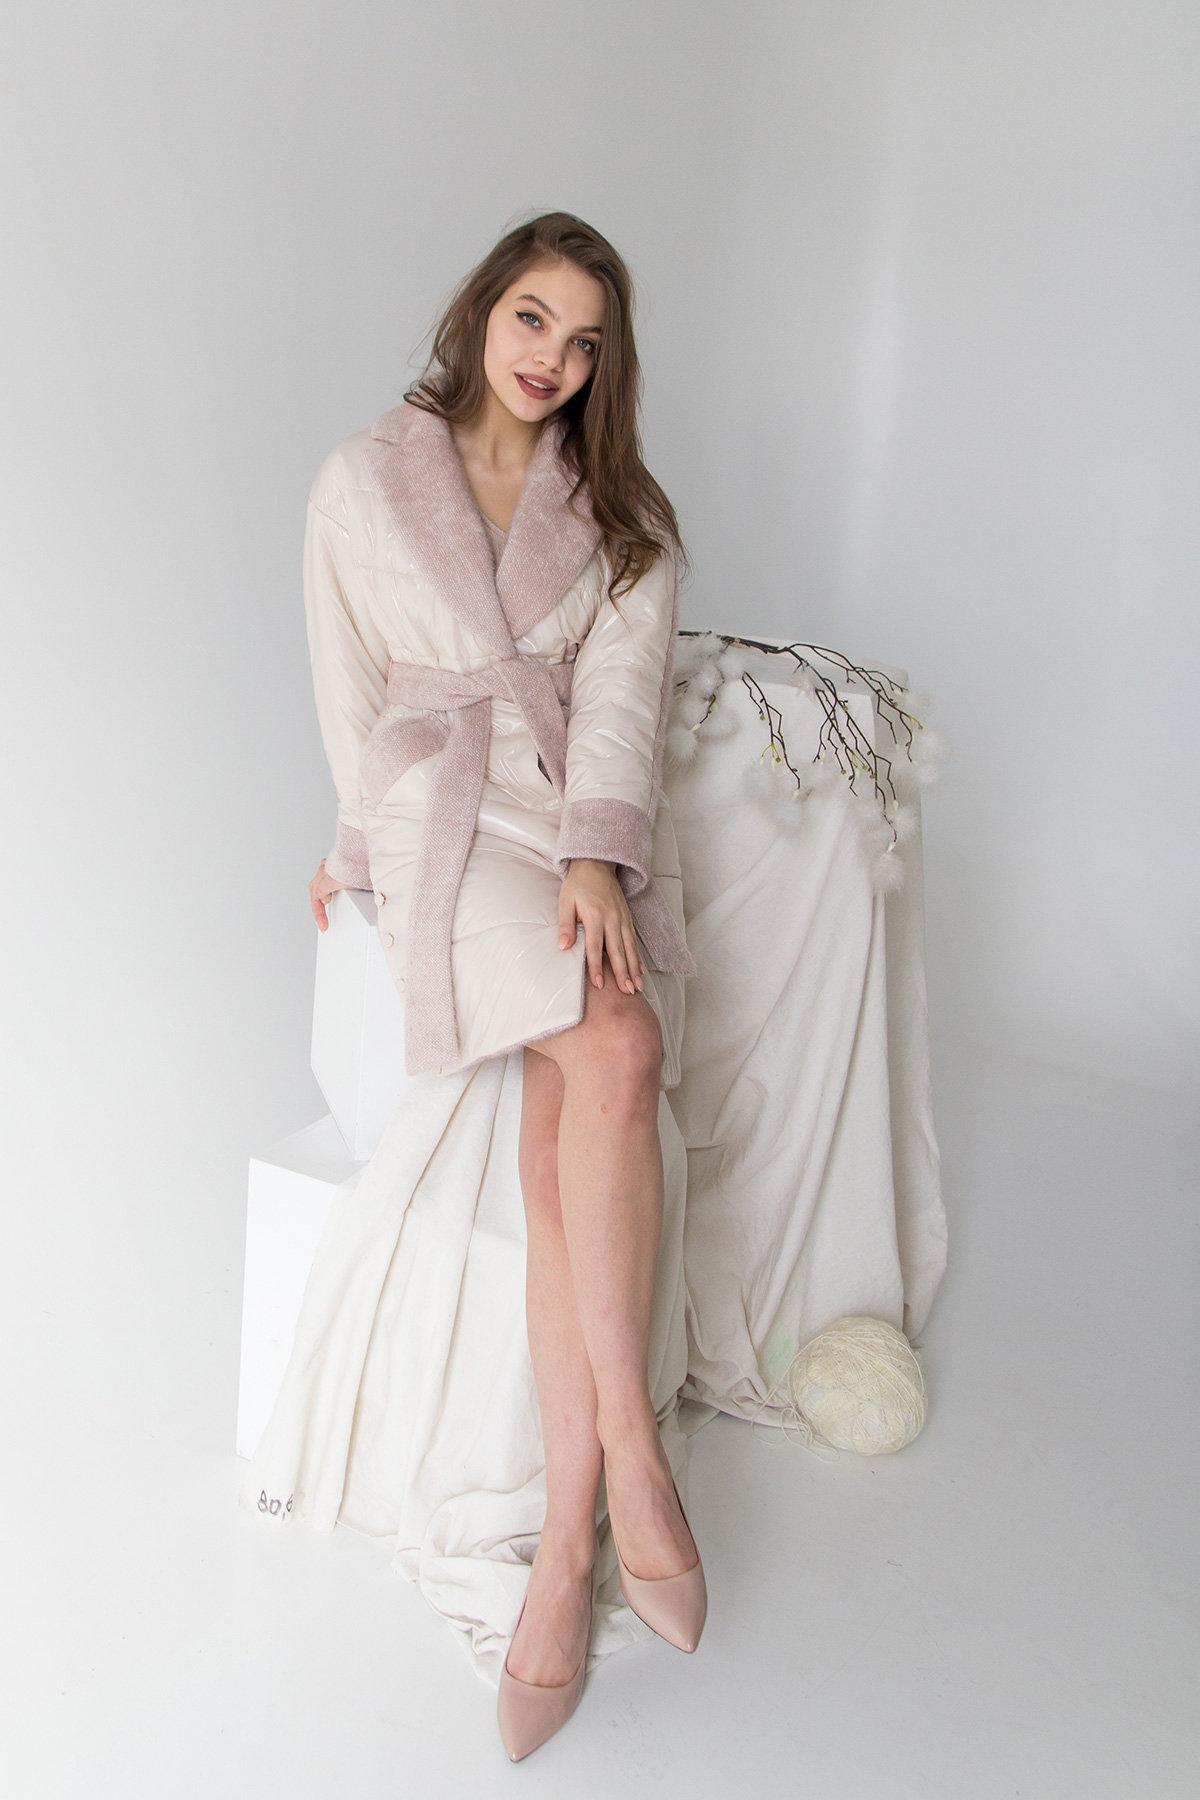 Комбинированное пальто с плащевкой Санья 8780 АРТ. 45123 Цвет: Пудра/молоко - фото 9, интернет магазин tm-modus.ru